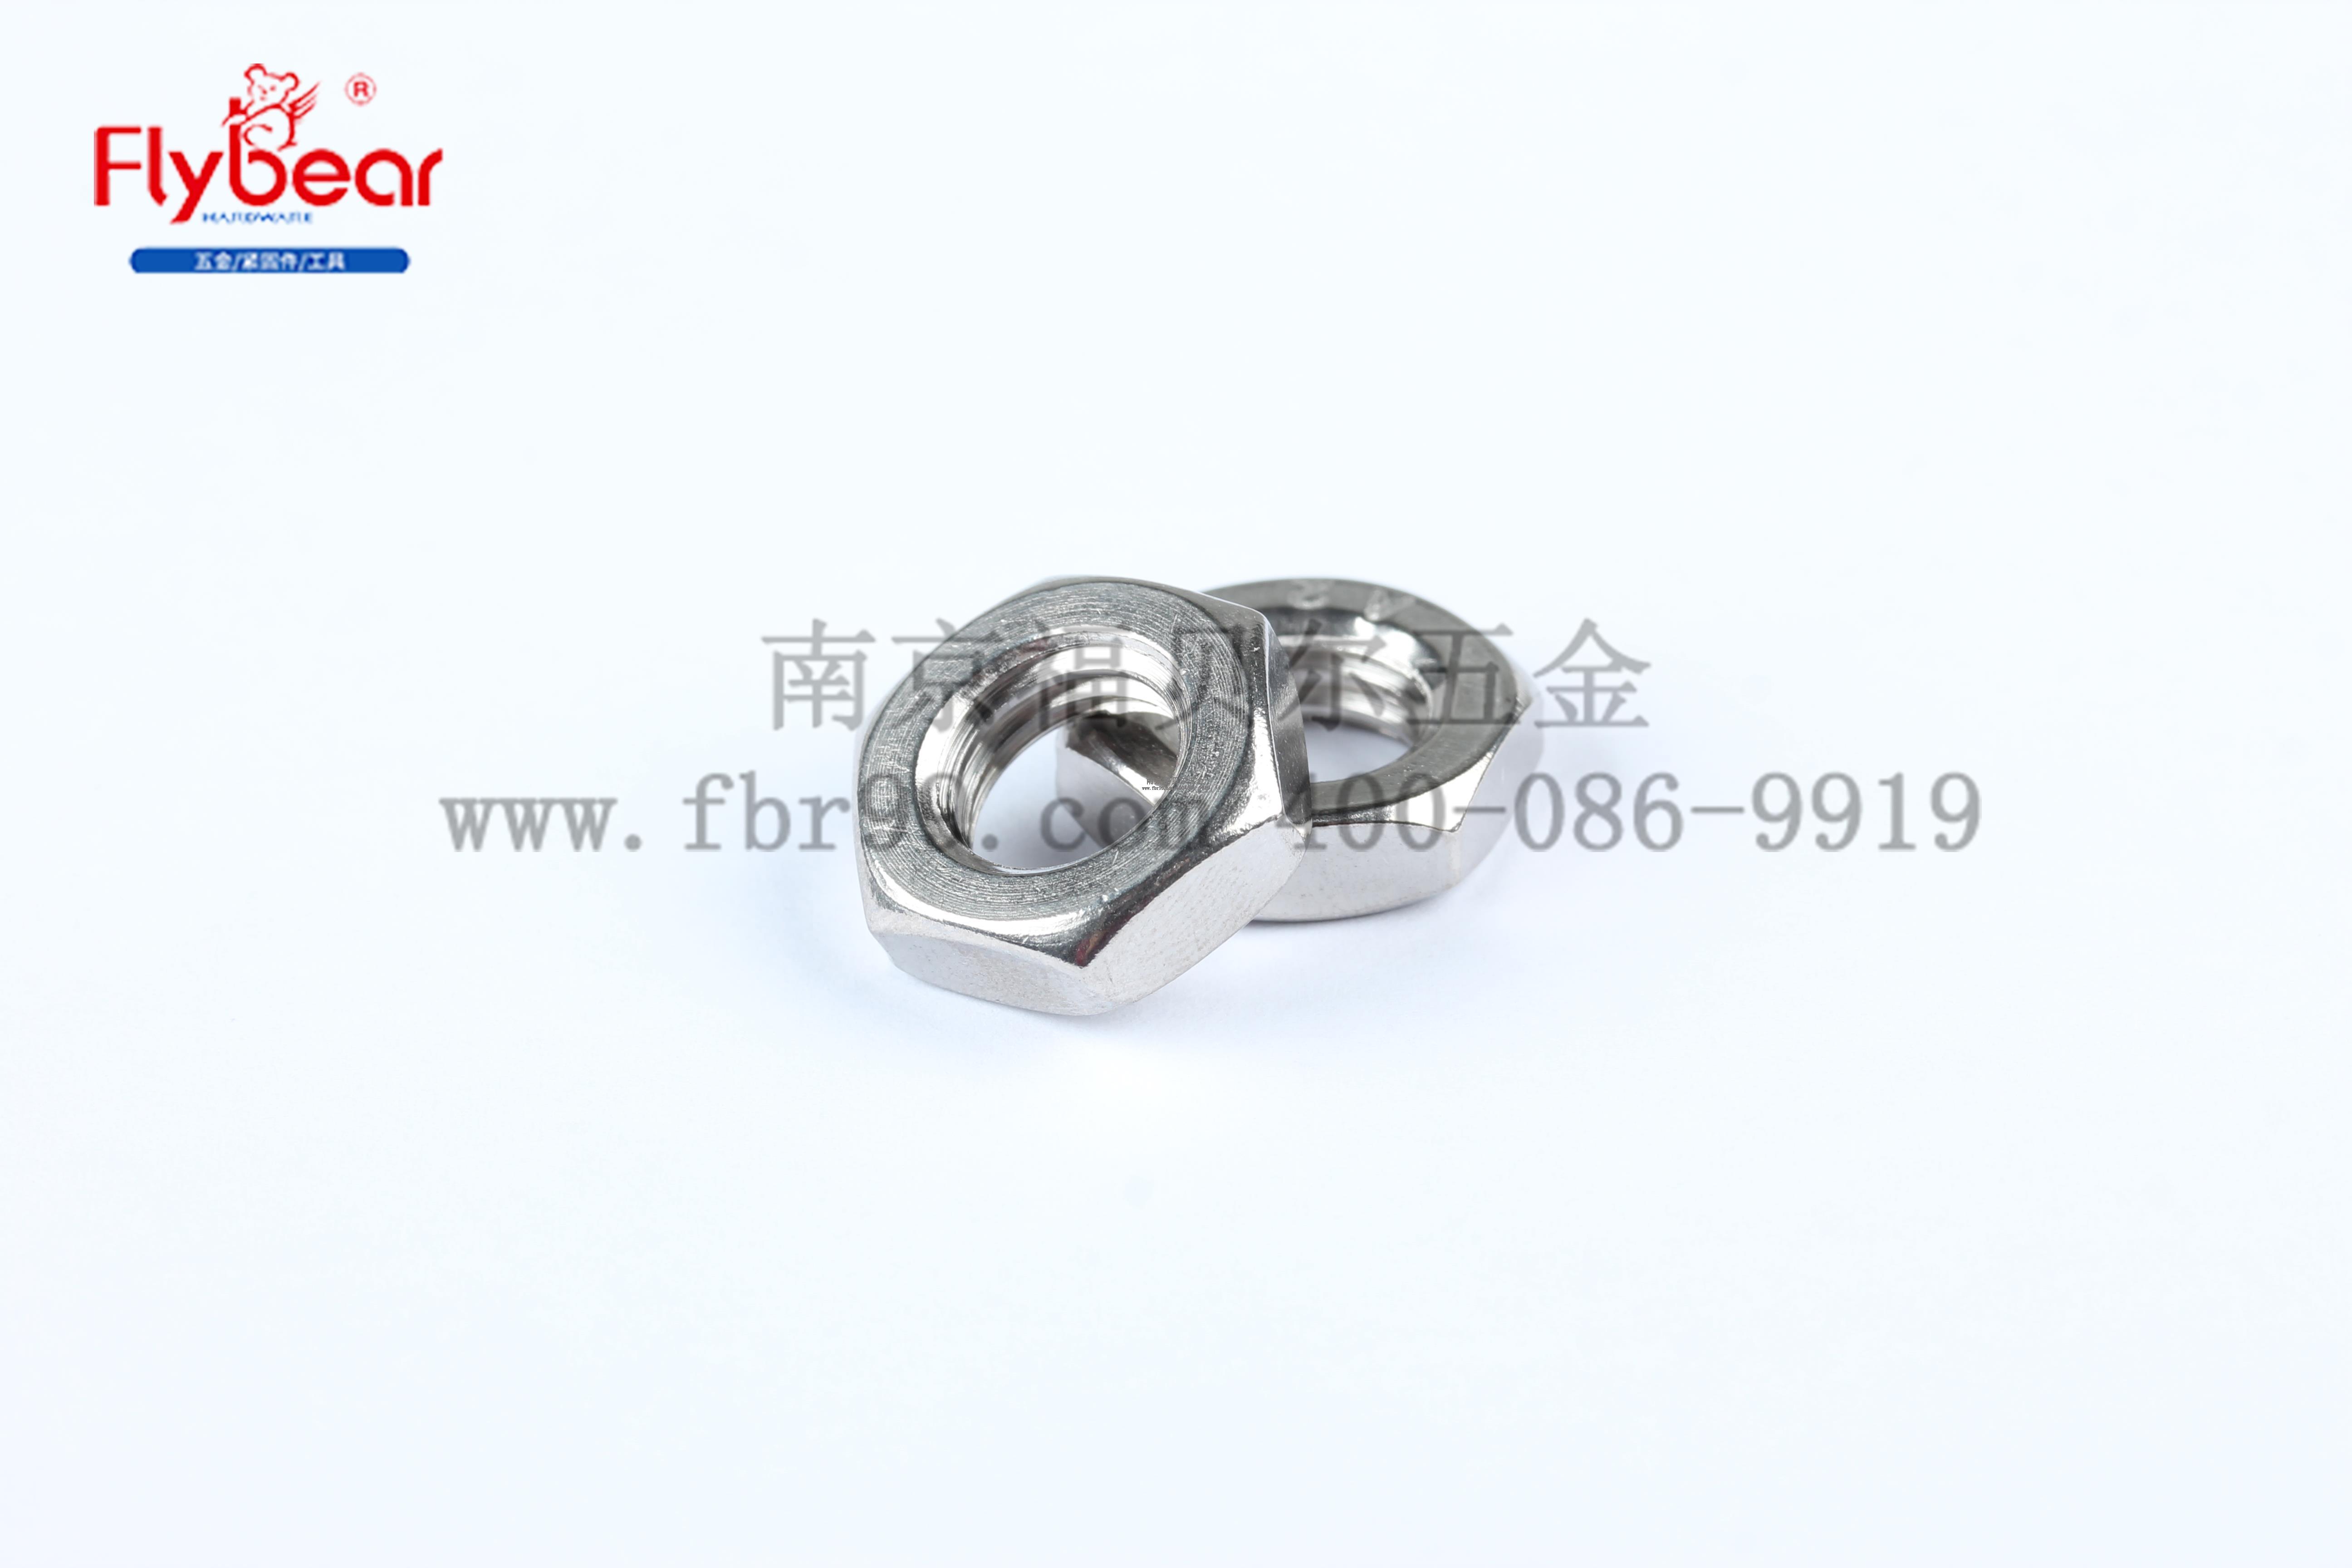 GB6170 左旋六角薄螺母 304不锈钢  反牙